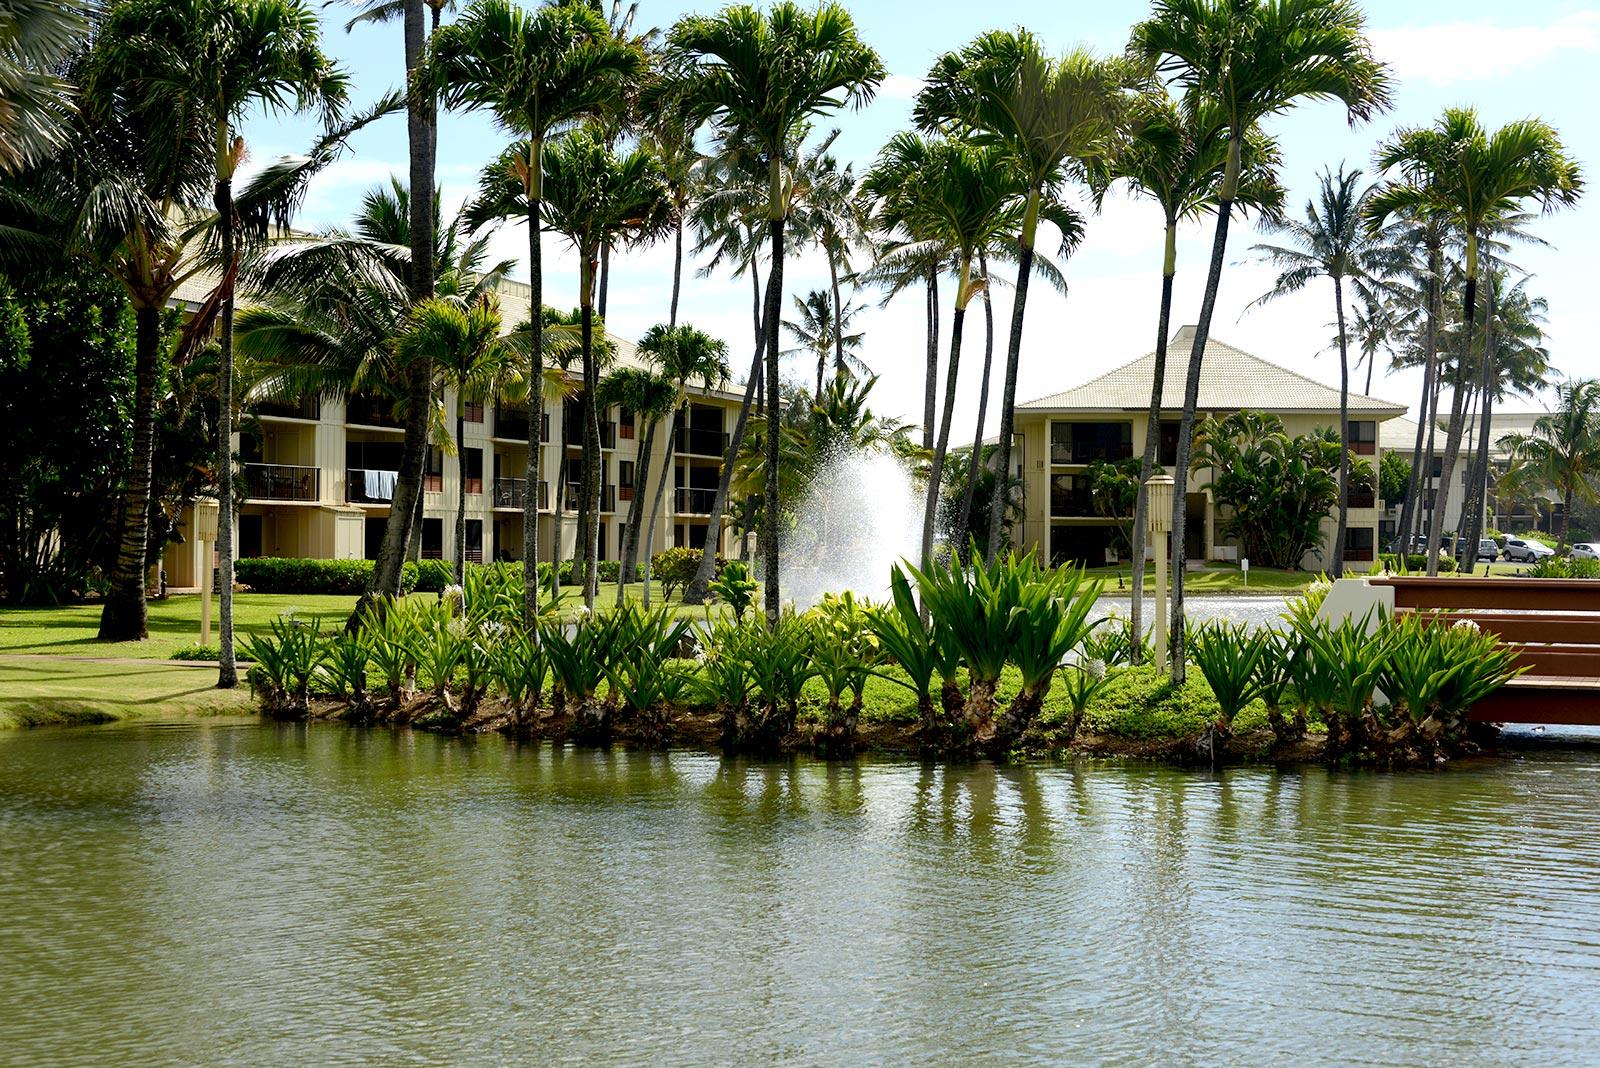 pahio-at-kauai-beach-villas-17